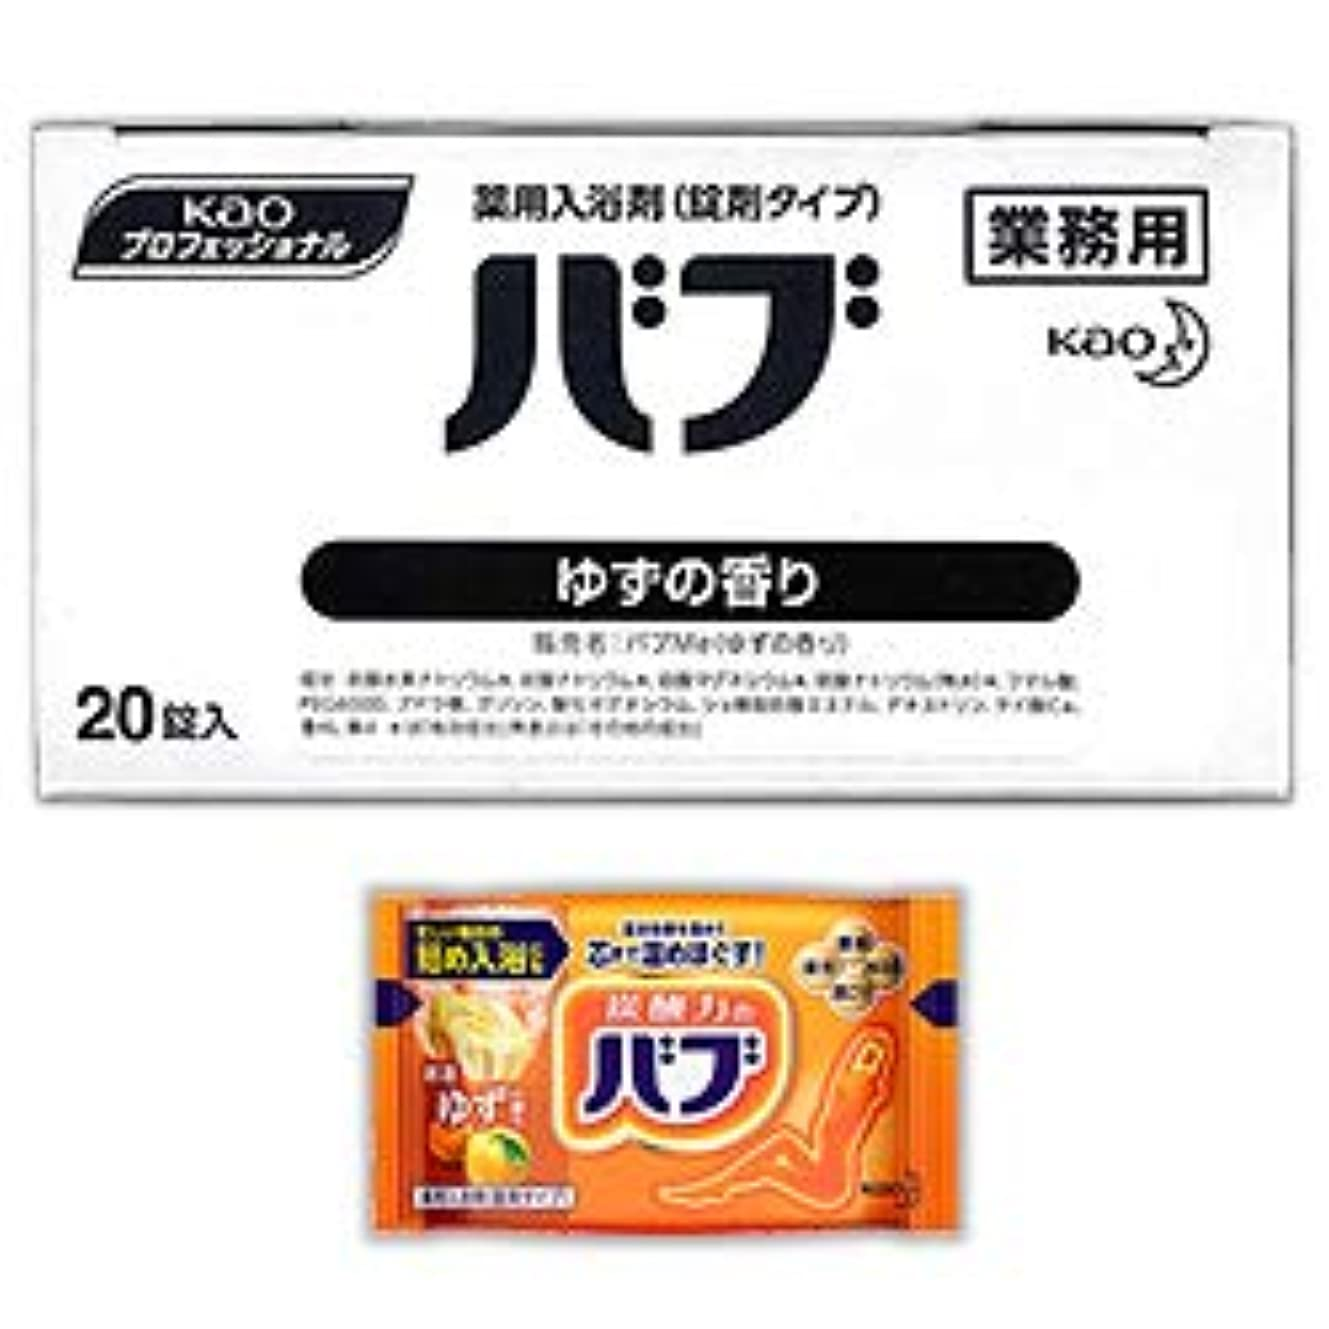 暴君核縫う【花王】Kaoプロフェッショナル バブ ゆずの香り(業務用) 40g×20錠入 ×3個セット